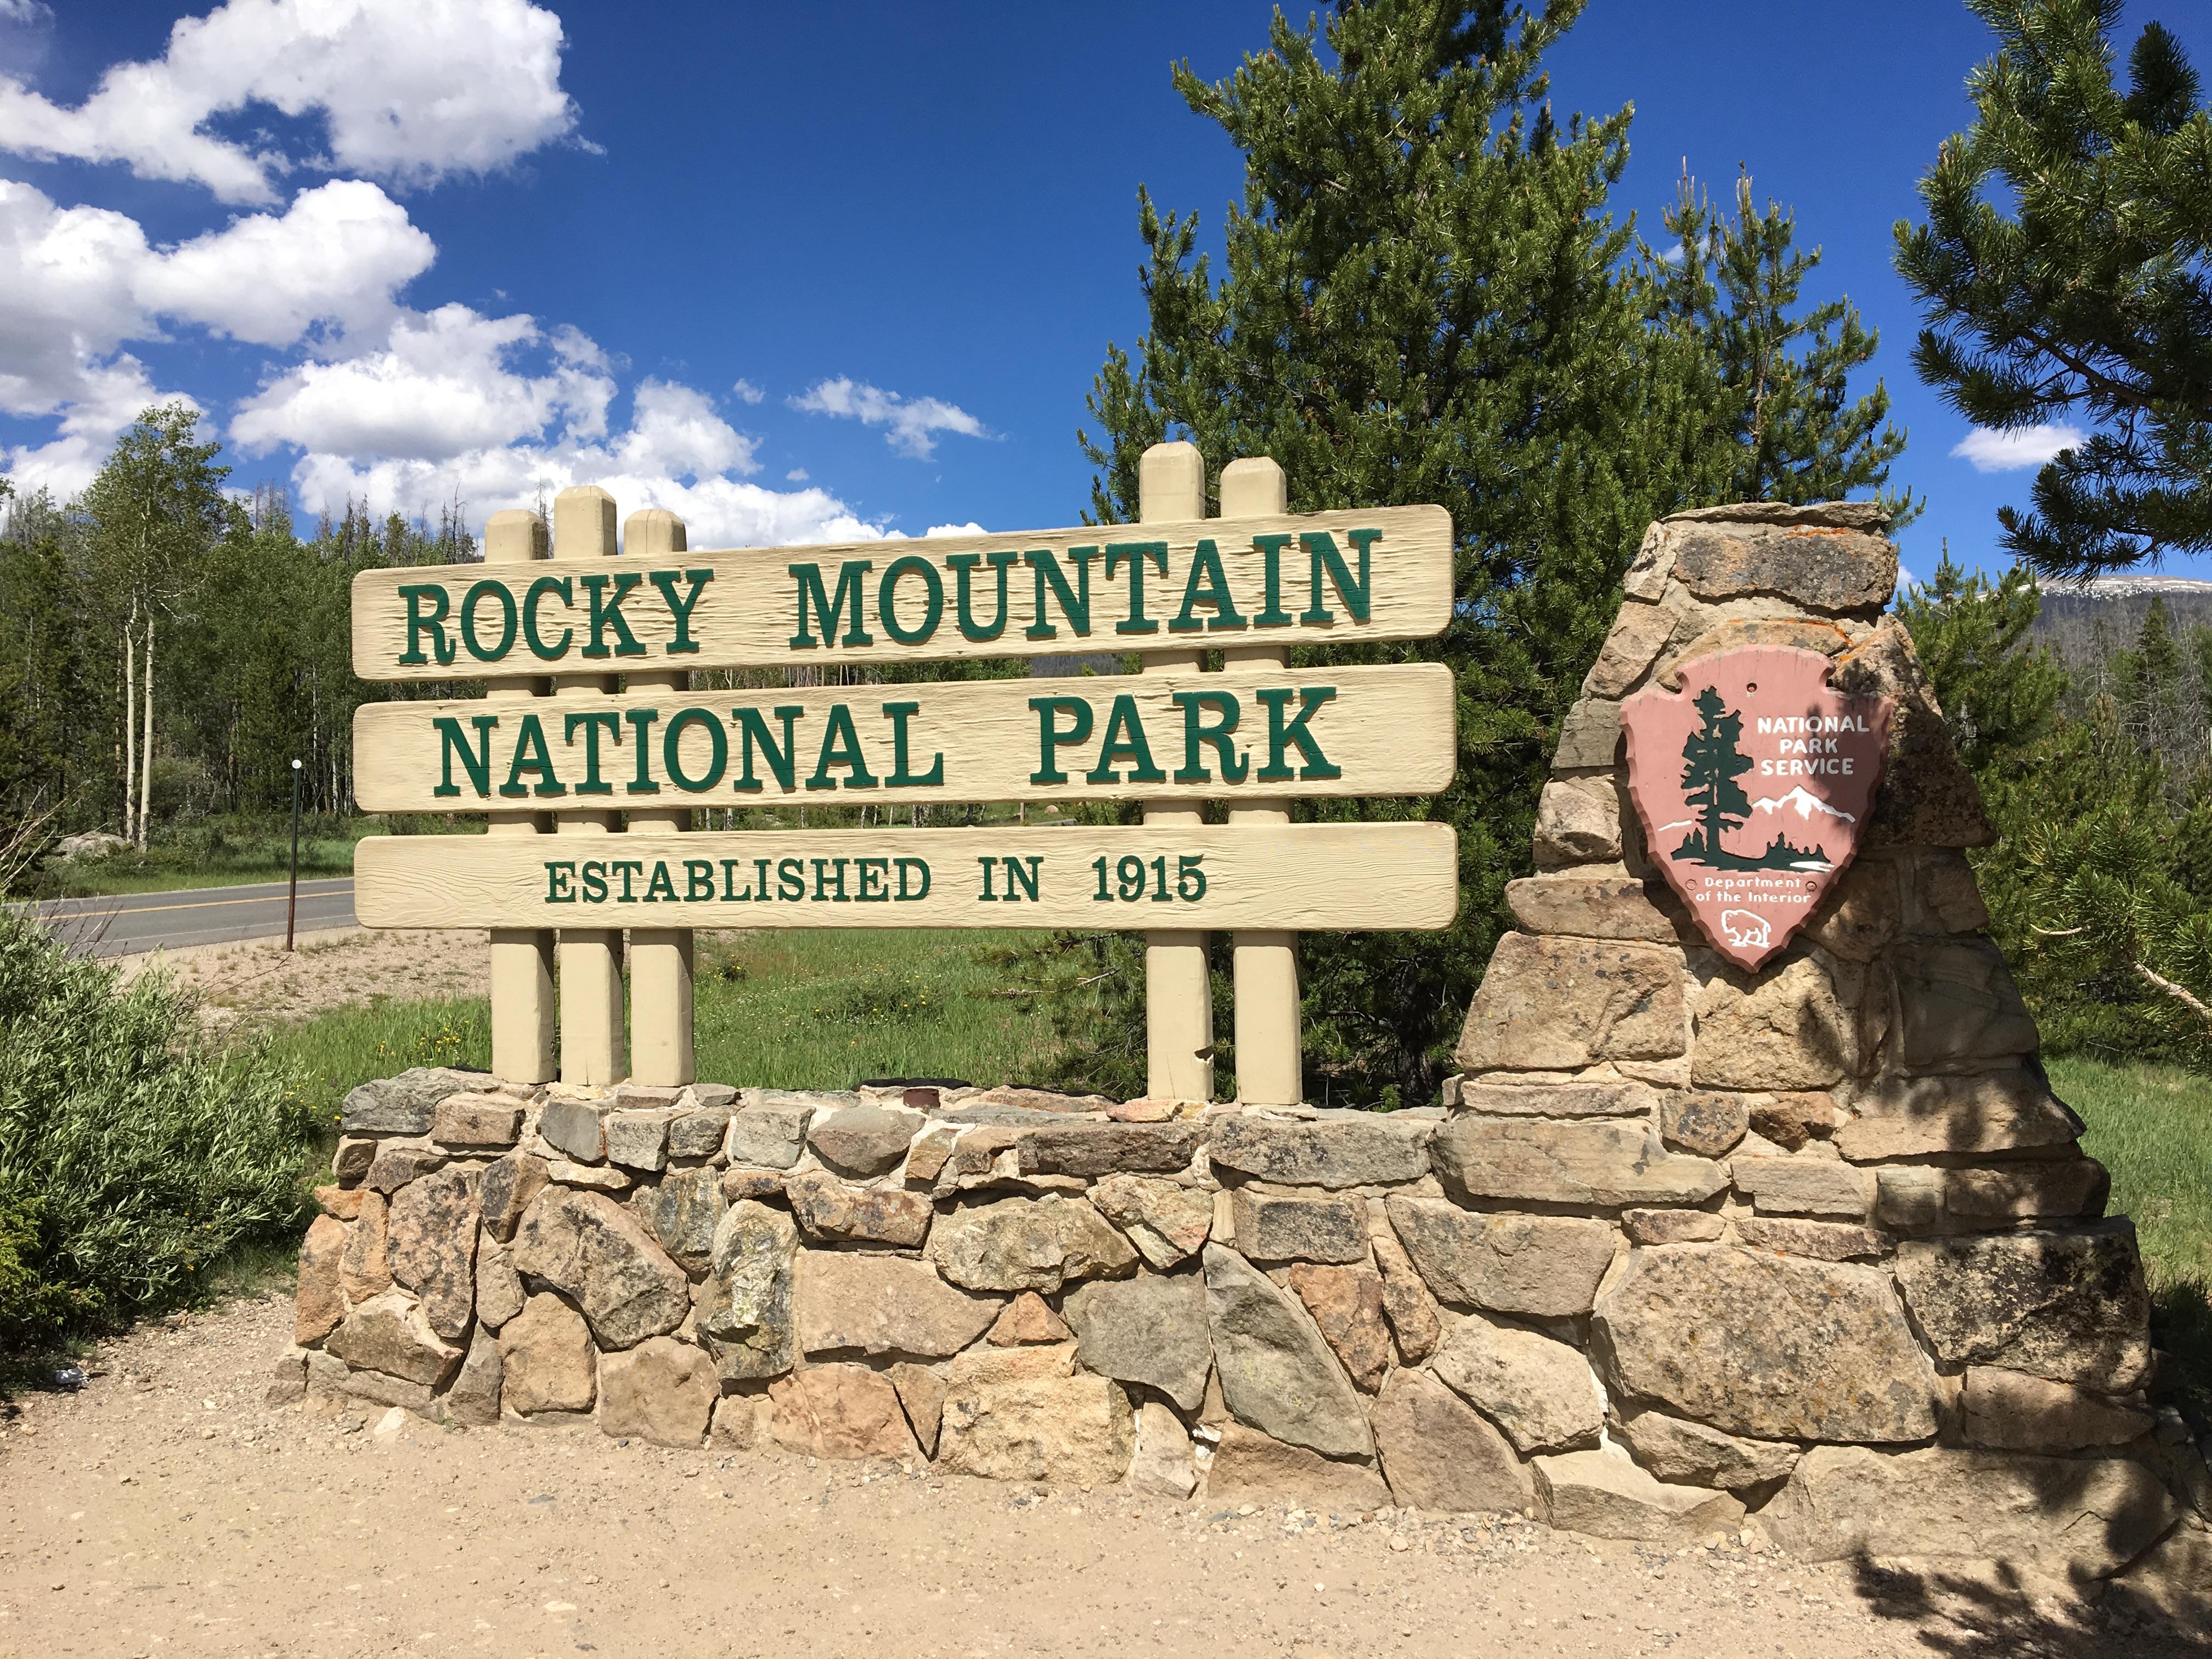 ロッキーマウンテン国立公園の見どころを紹介